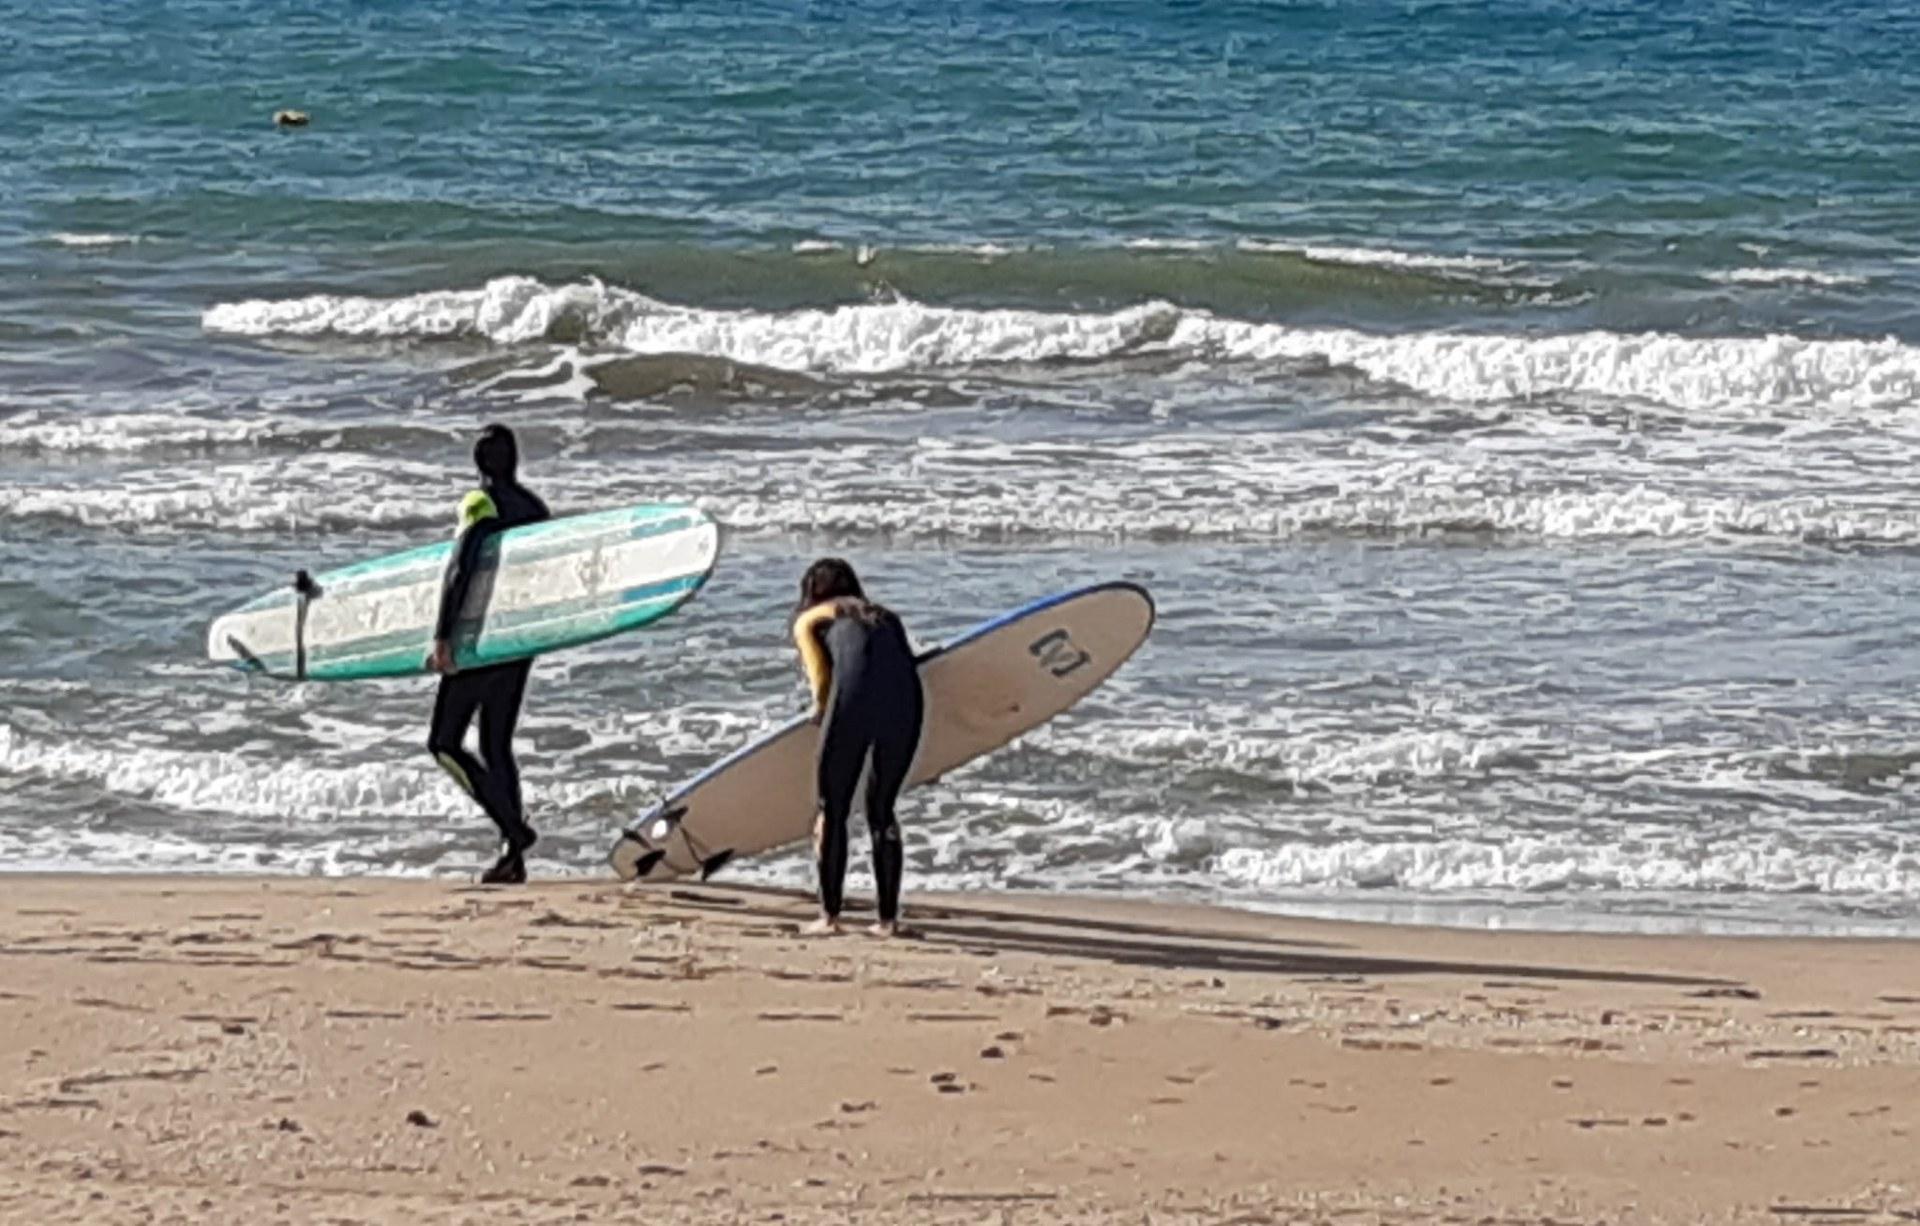 Les platges queden obertes per a la pràctica esportiva